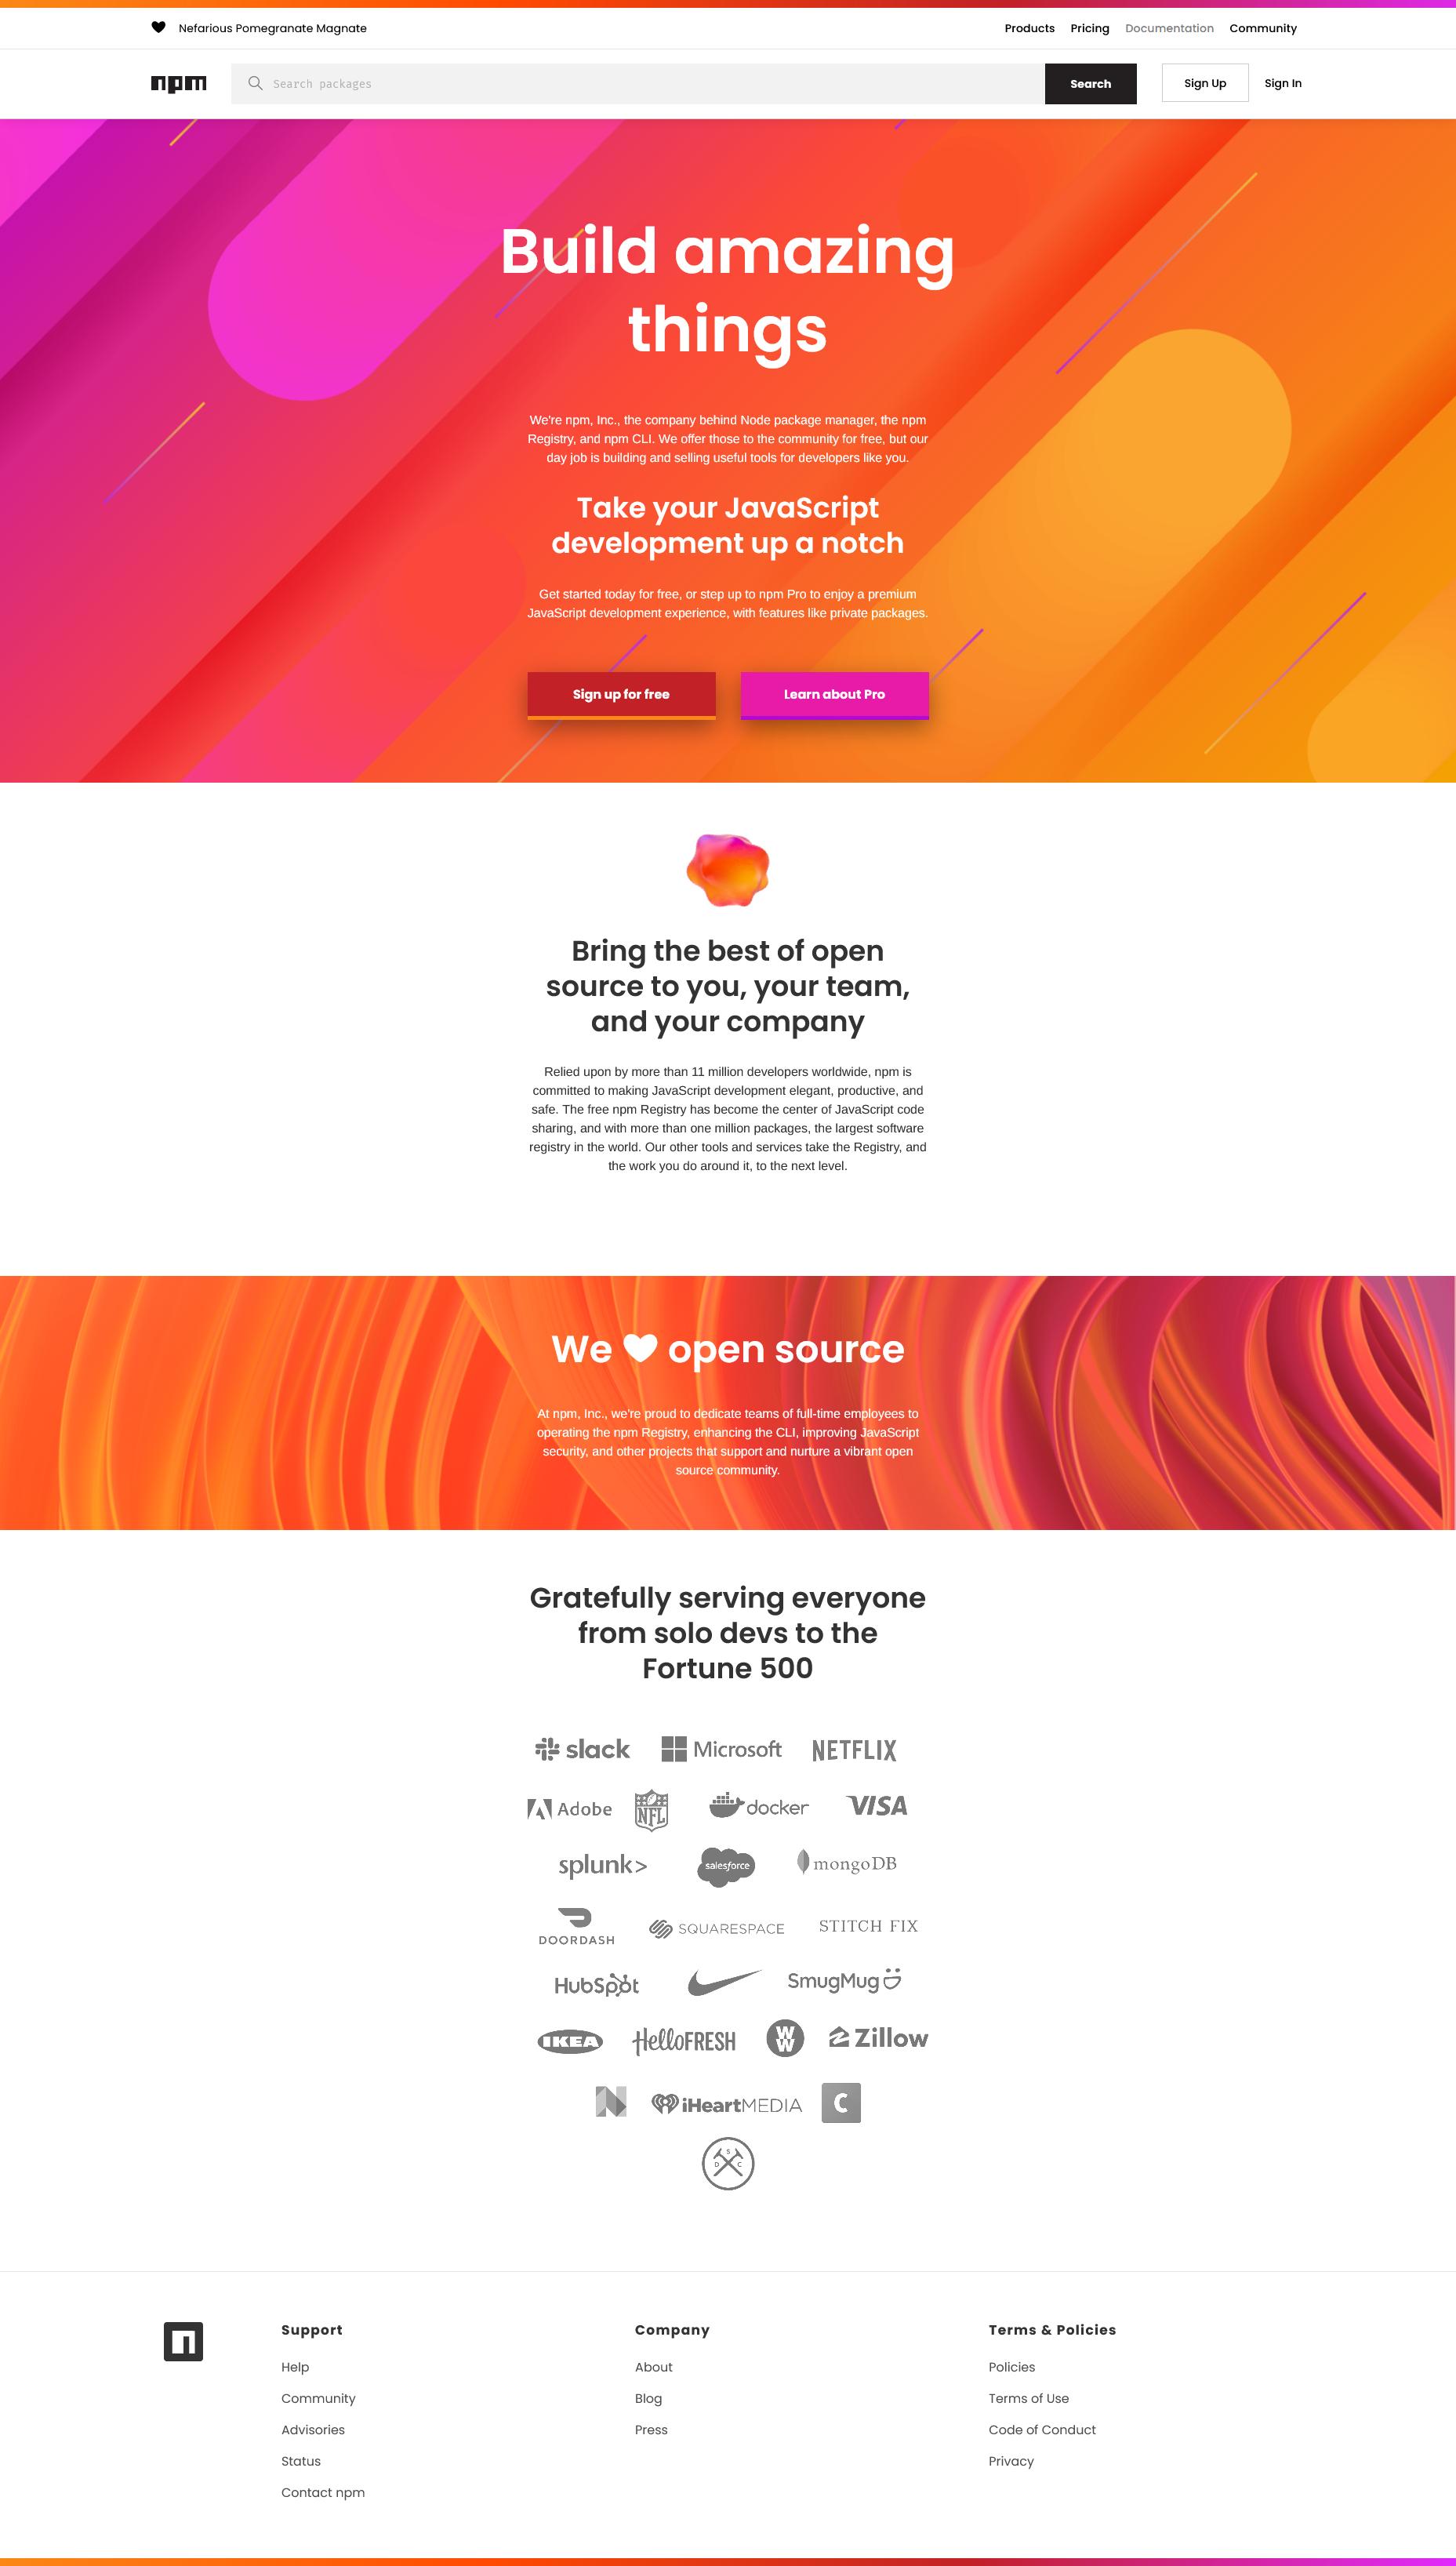 pagina oficial de npmjs en la que encontrar recursos para tu proyecto angularjs